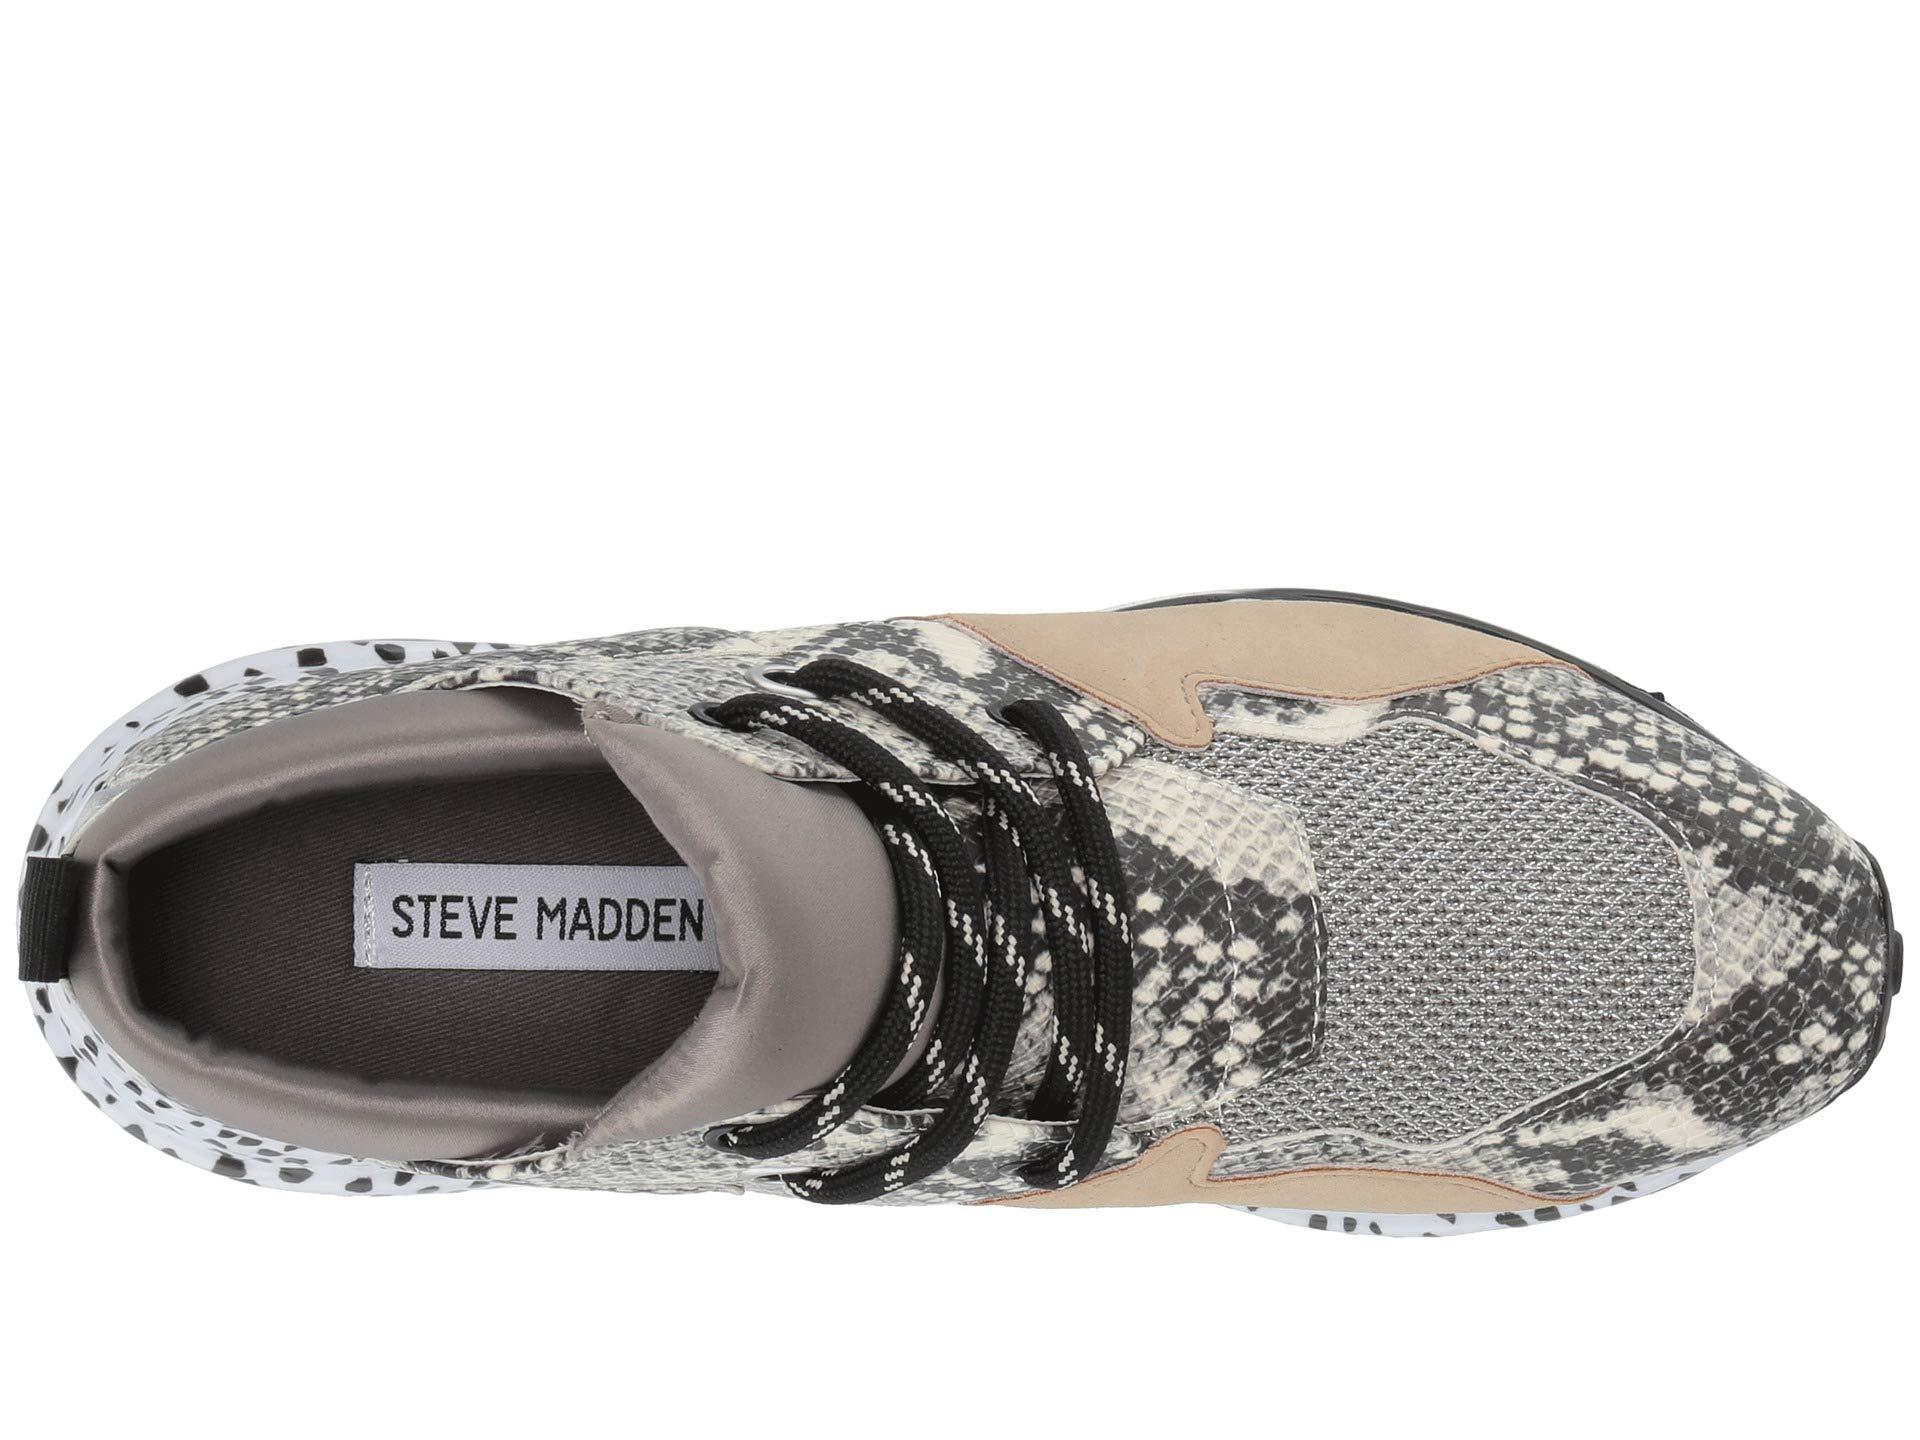 Steve Madden Leather Cliff Sneaker